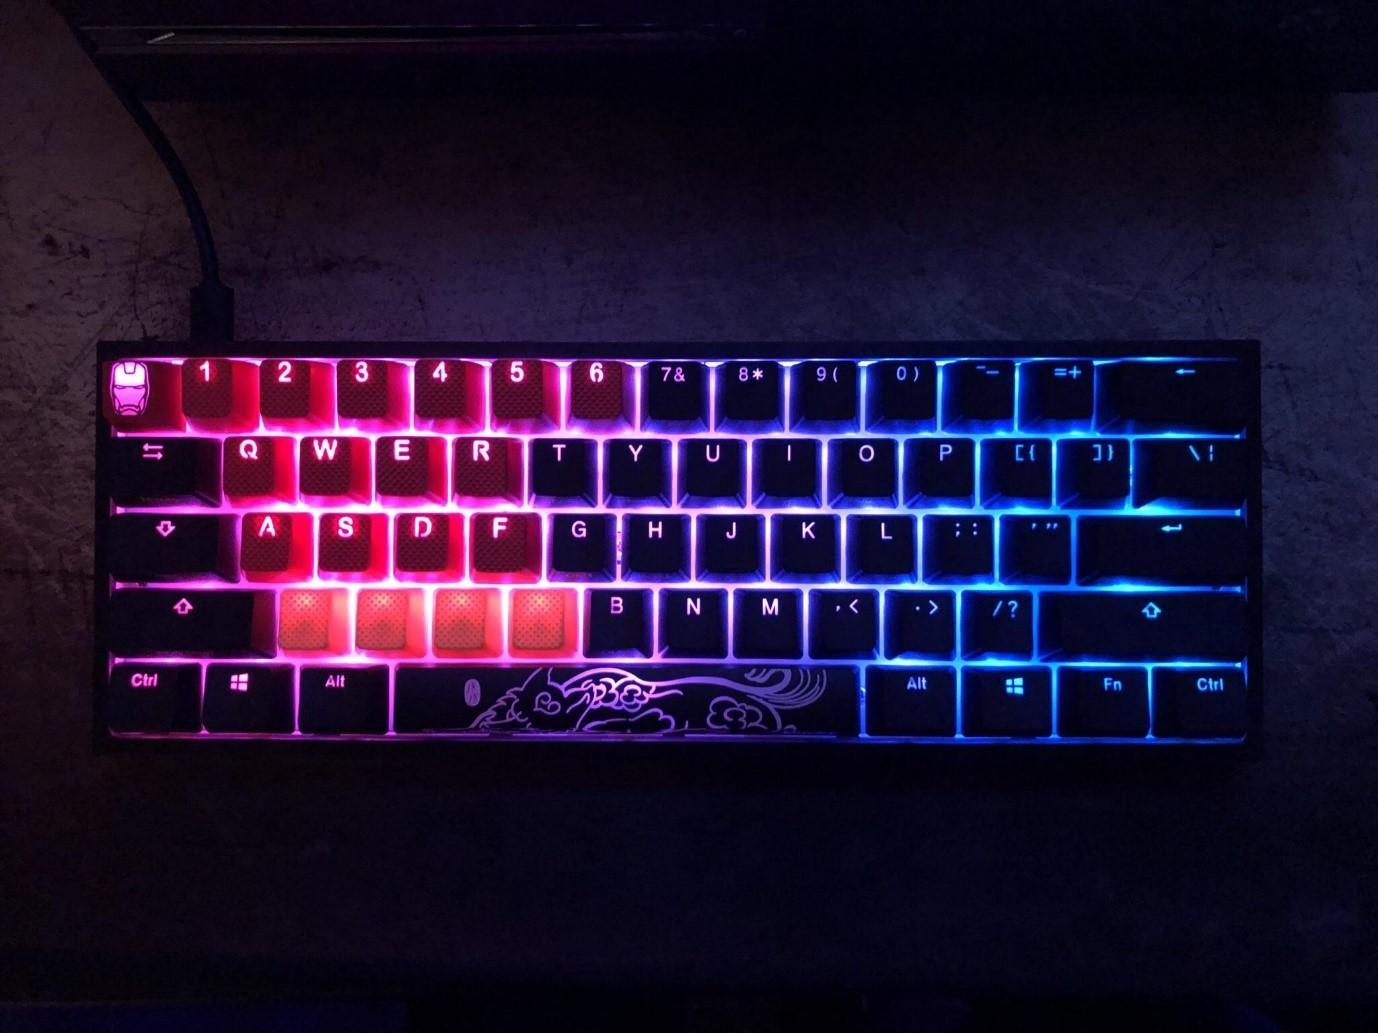 Ducky Keyboards